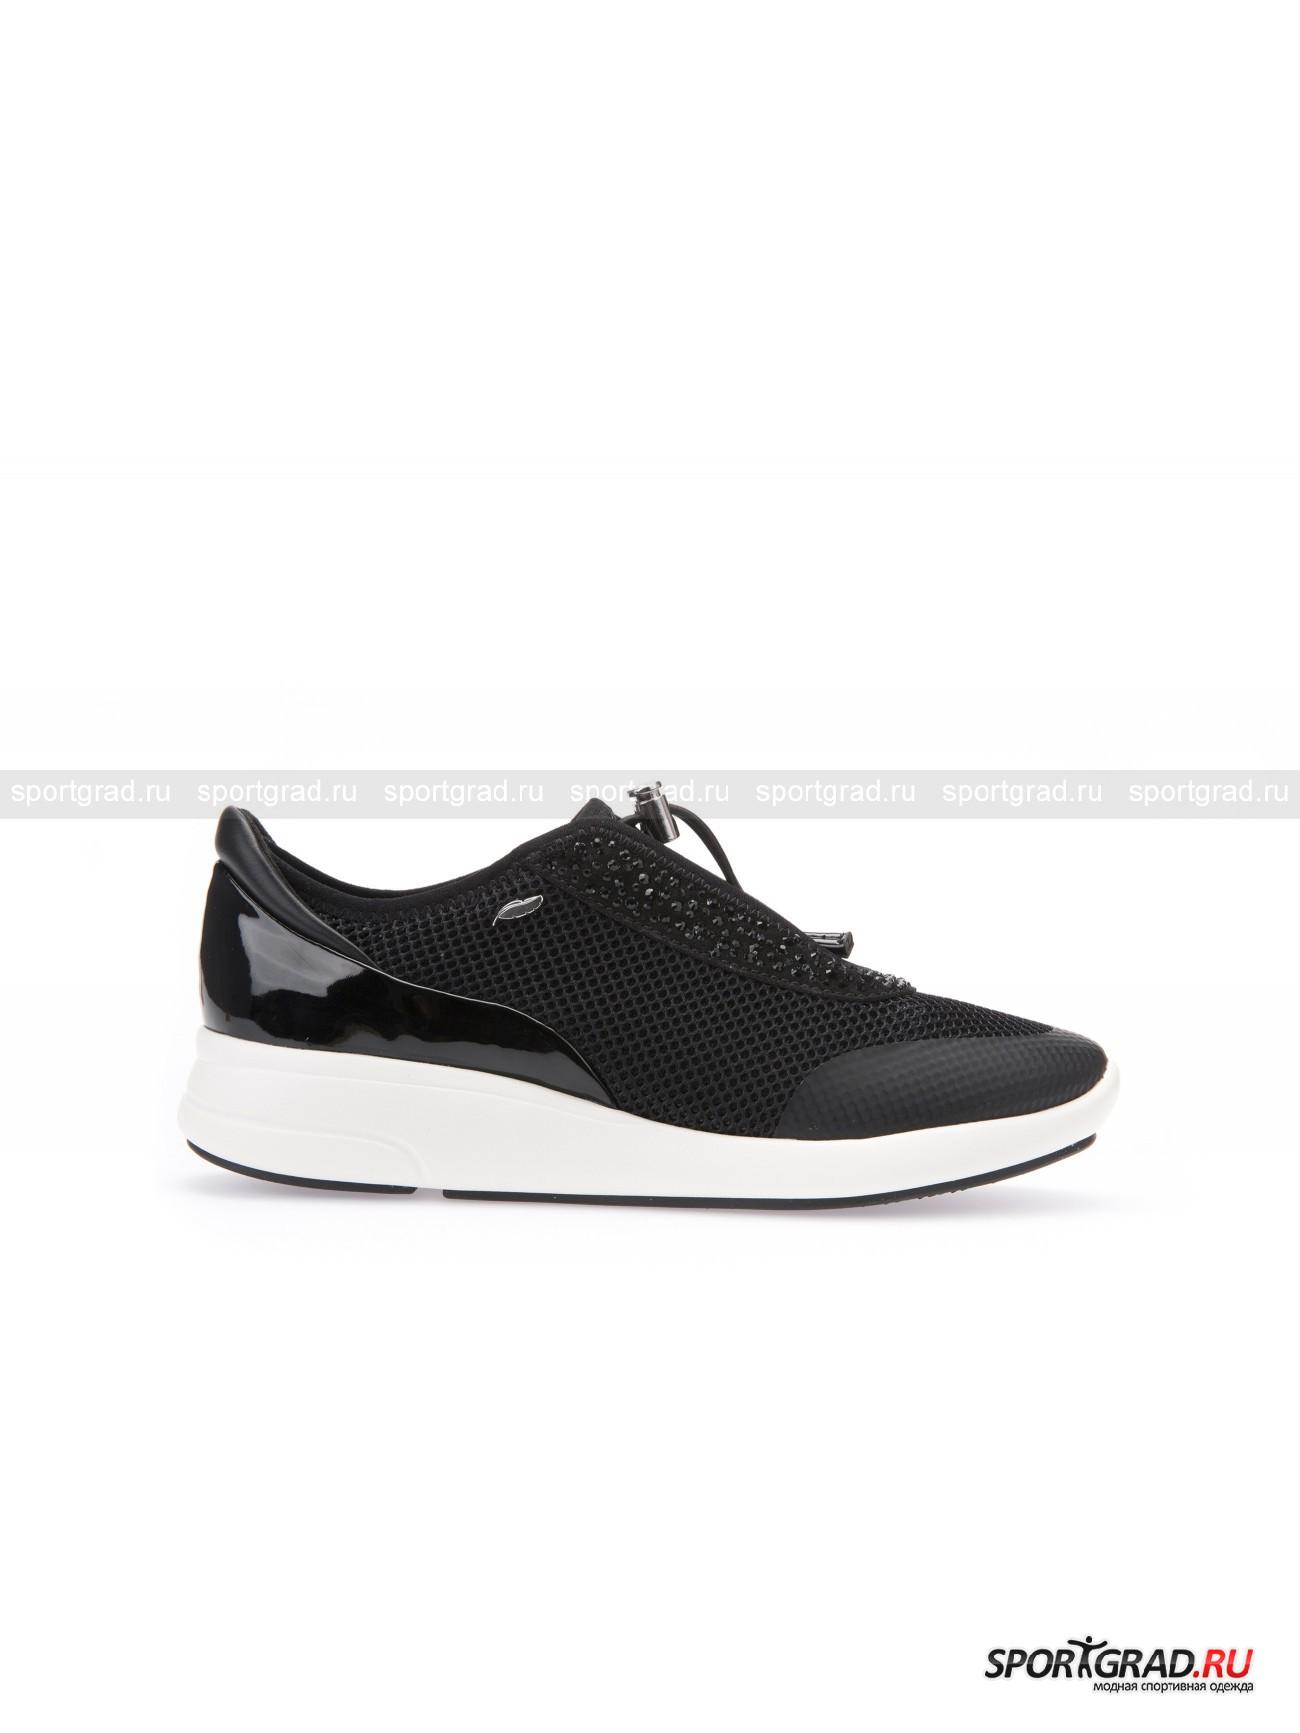 Кроссовки женские Ophira GEOX BlackКроссовки<br>Нарядные черные кроссовки Ophira Geox Black подойдут не только для повседневной носки или спорта, но и для вечеринки – блестящая поверхность, покрытая сетчатой тканью, дополнена глянцевыми вставками и россыпью черных страз. Небанальное решение для обуви такого фасона, которое сразу привлечет к вам внимание, куда бы вы ни направились.<br><br>Кроме эффектного внешнего видав, кроссовки выделяются максимальным удобством. Благодаря фирменной технологии Respira она прекрасно пропускают воздух, позволяя ноге «дышать» и препятствуя возникновению пота и неприятного запаха. <br><br>Особенности модели:<br>- мягкая амортизирующая стелька анатомической формы;<br>- гибкая подошва;<br>- шнурки не завязываются, а утягиваются специальным замочком.<br><br>Пол: Женский<br>Возраст: Взрослый<br>Тип: Кроссовки<br>Рекомендации по уходу: Протирать мягкой тканью.<br>Состав: Искусственная кожа, текстиль.